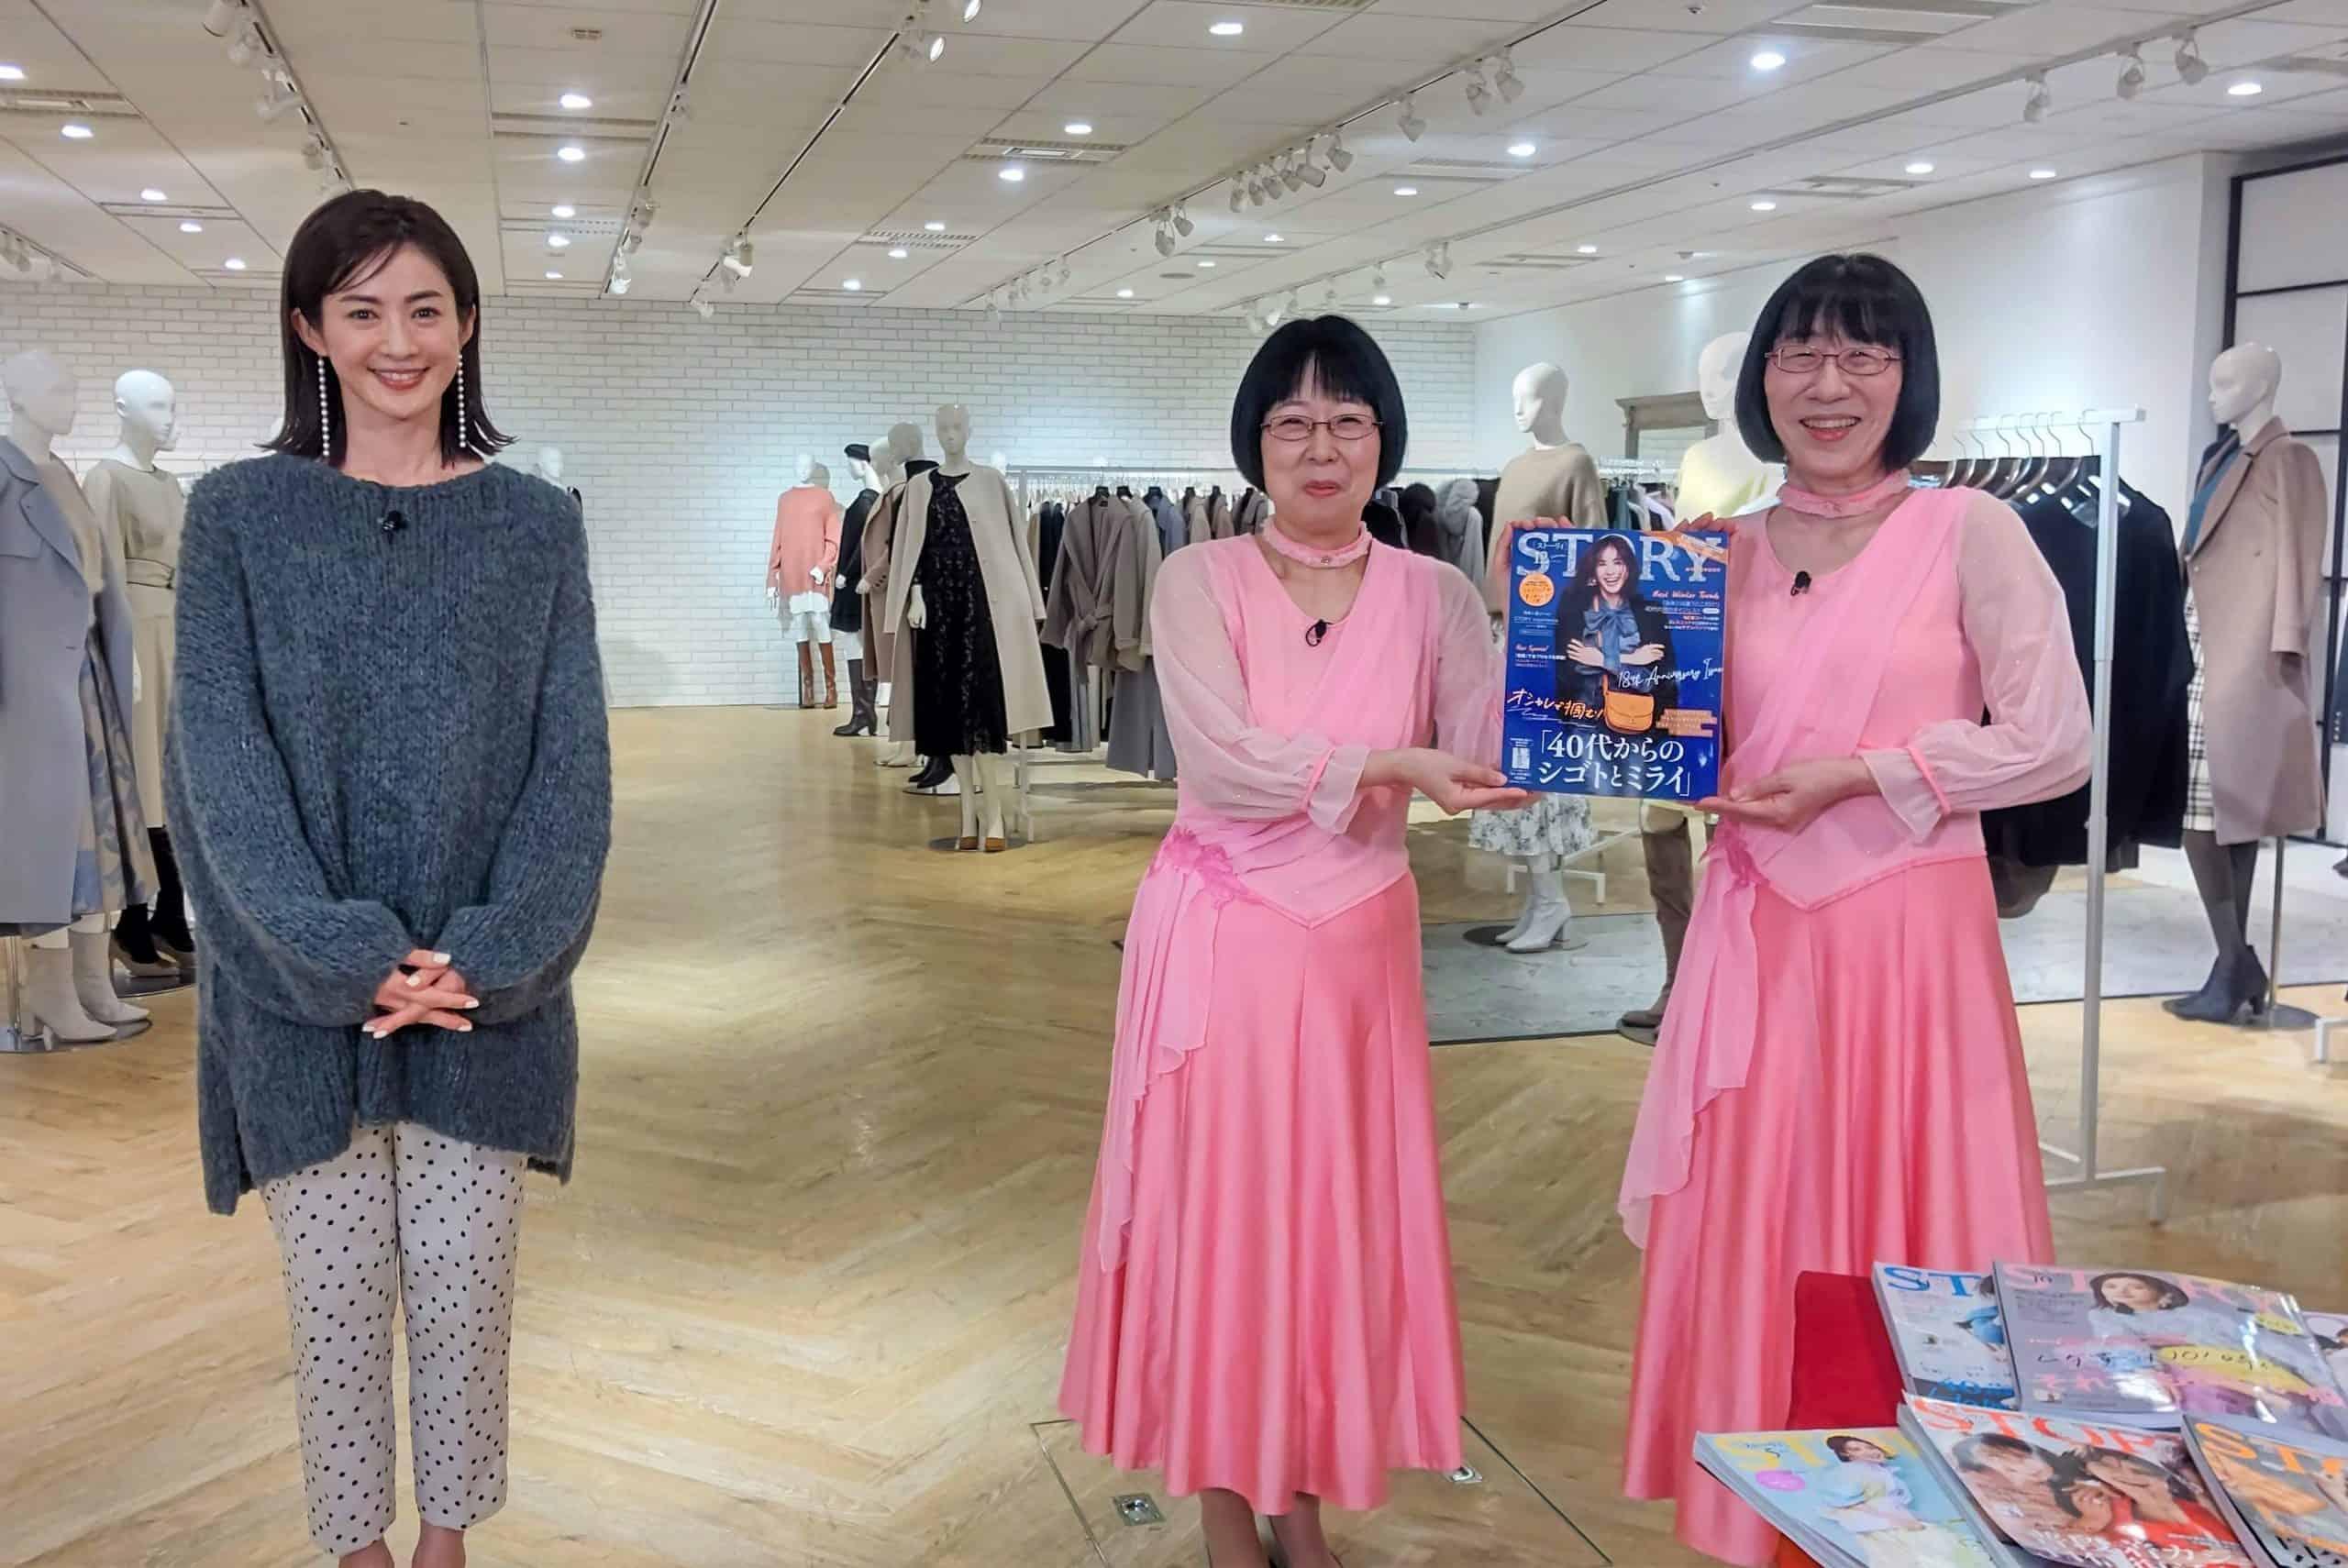 高垣麗子さんと阿佐ヶ谷姉妹